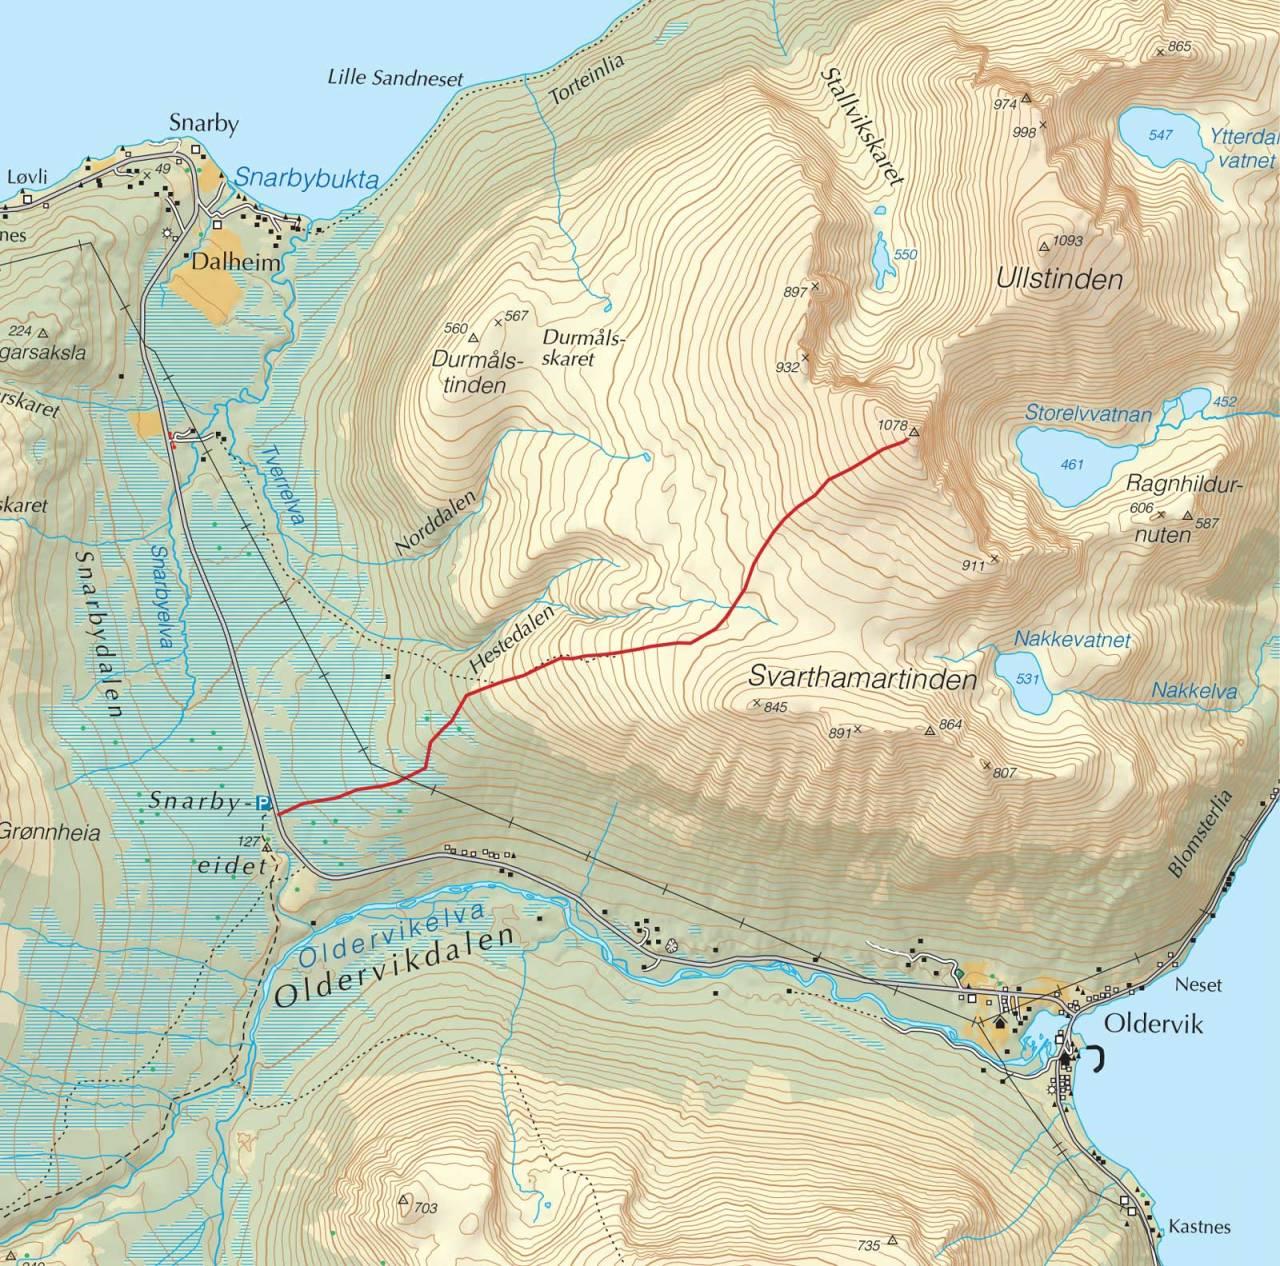 Kart over Ullstinden med inntegnet rute. Fra Trygge toppturer.